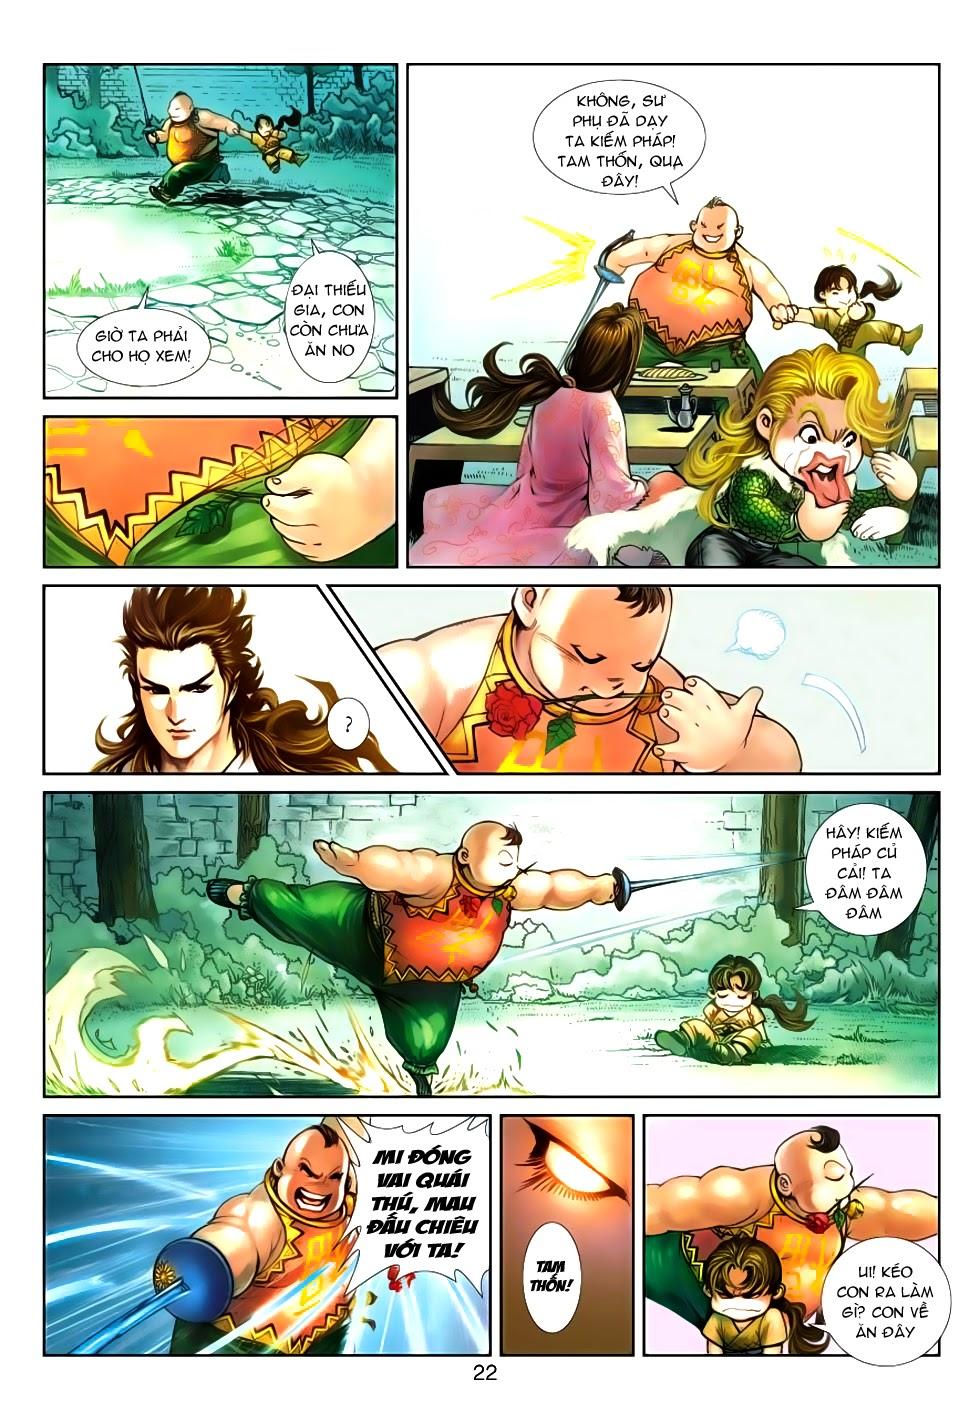 Thần Binh Tiền Truyện 4 - Huyền Thiên Tà Đế chap 5 - Trang 22